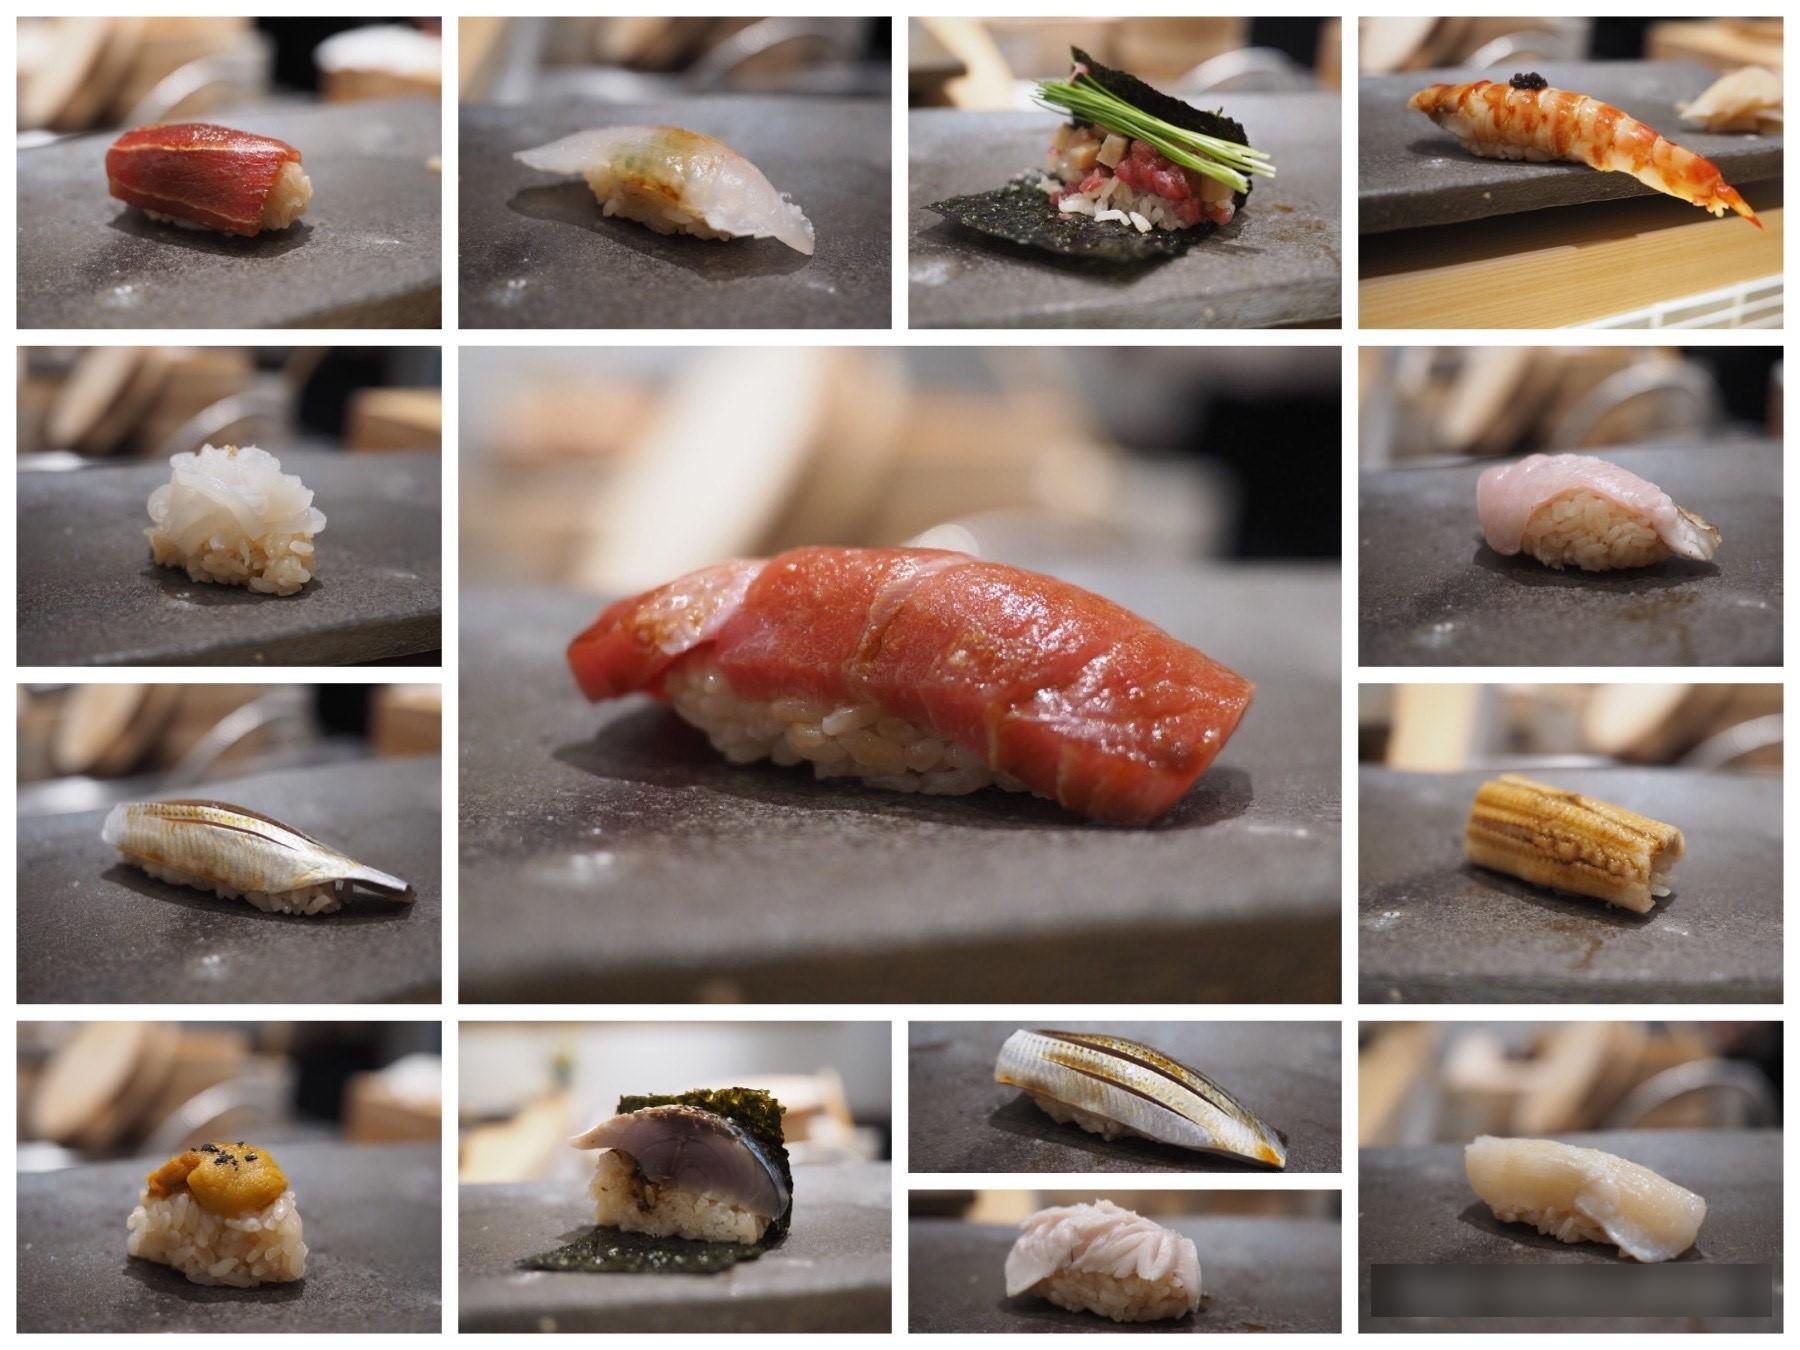 割烹出身の和食職人による一流の料理とお寿司が普段使いの価格で楽しめる驚異のコスパのお寿司屋さんがオープン! 西宮市 「SUSHI WAGAN」